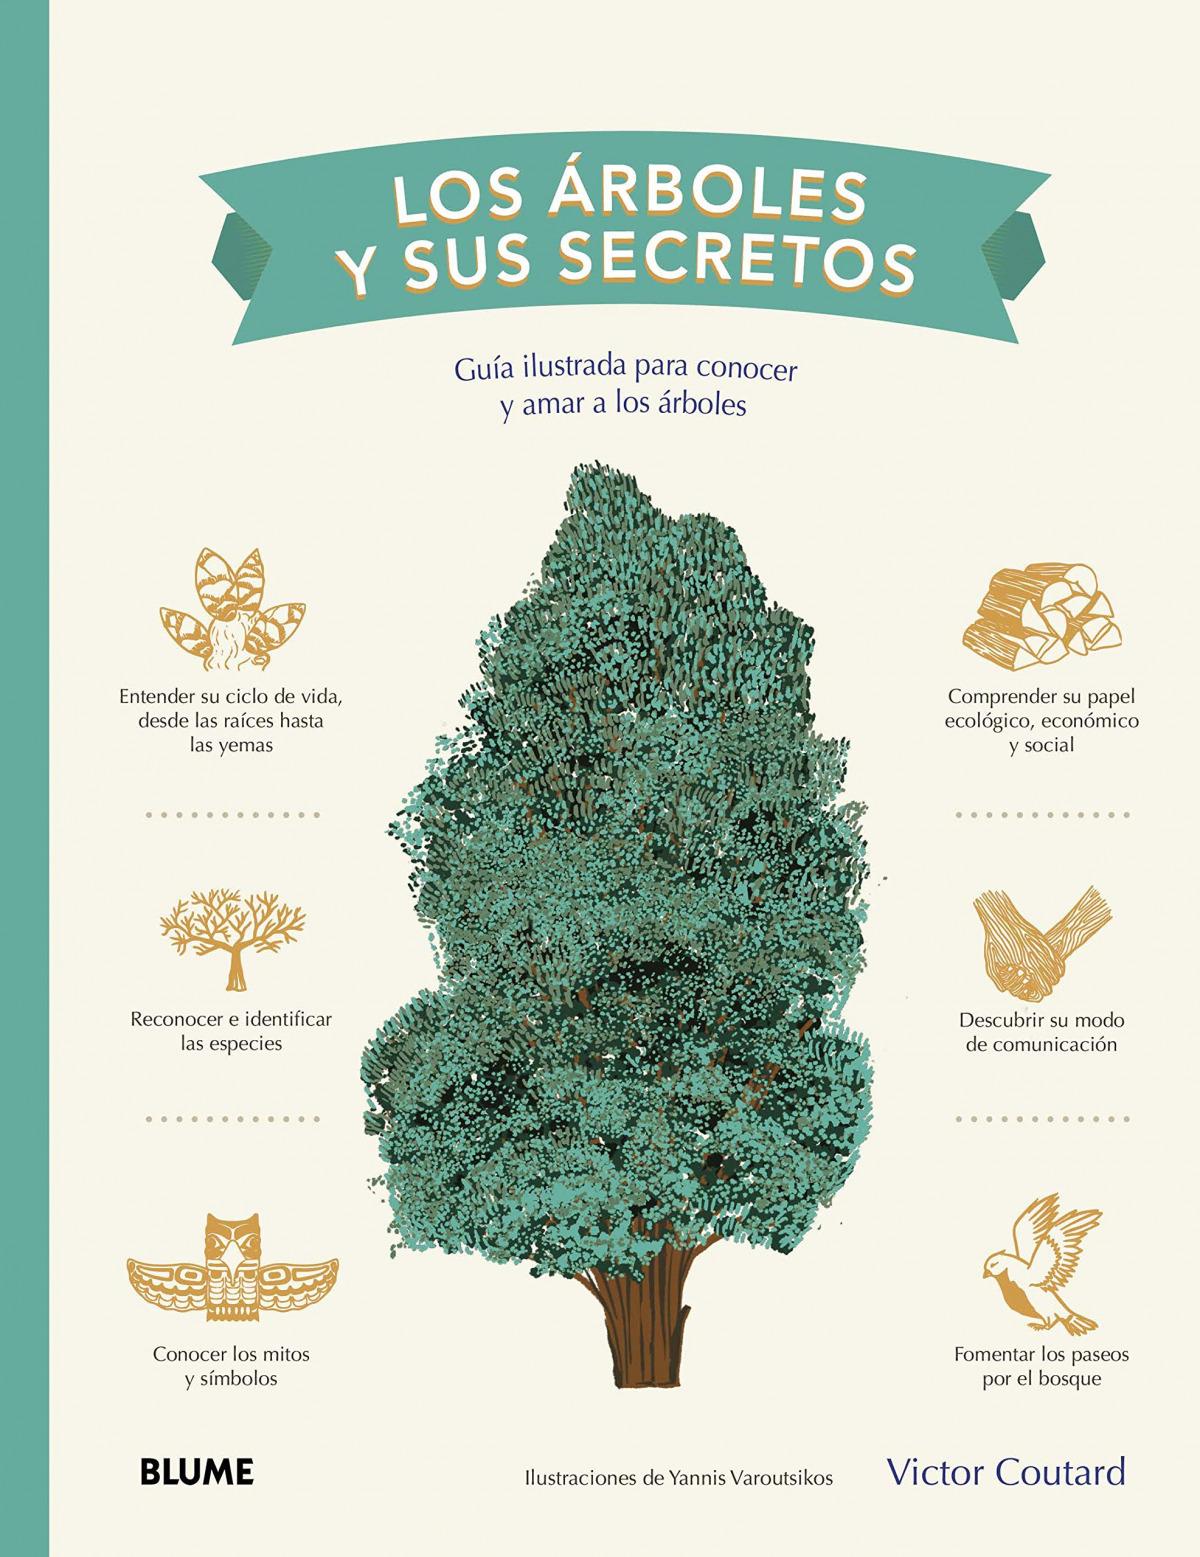 Los Ãírboles y sus secretos